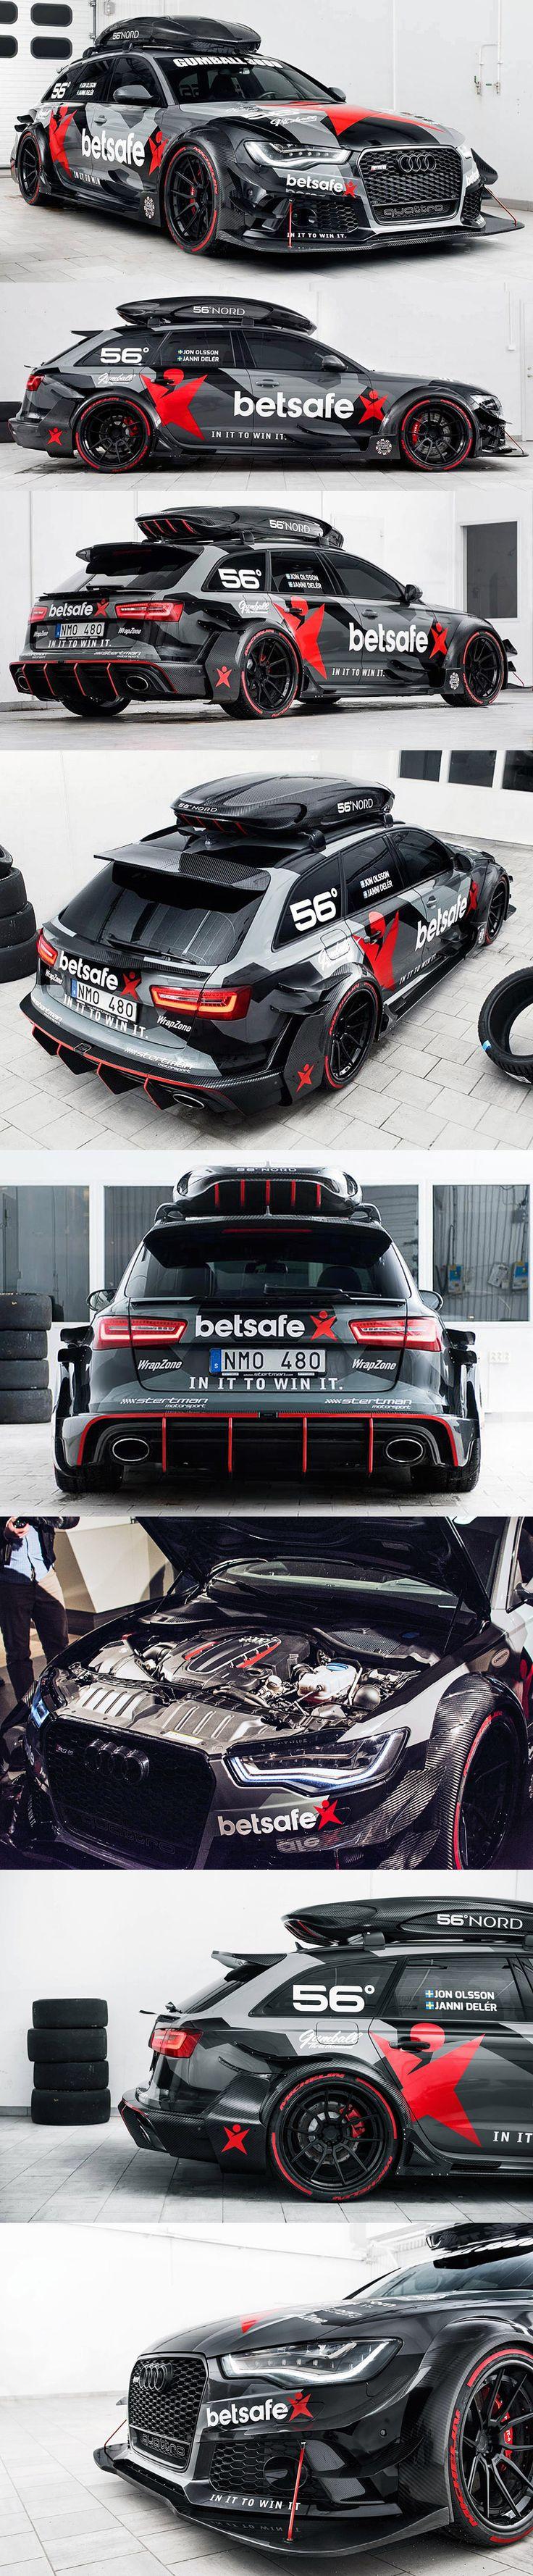 Audi RS6 DTMStertman pour partir en vacances